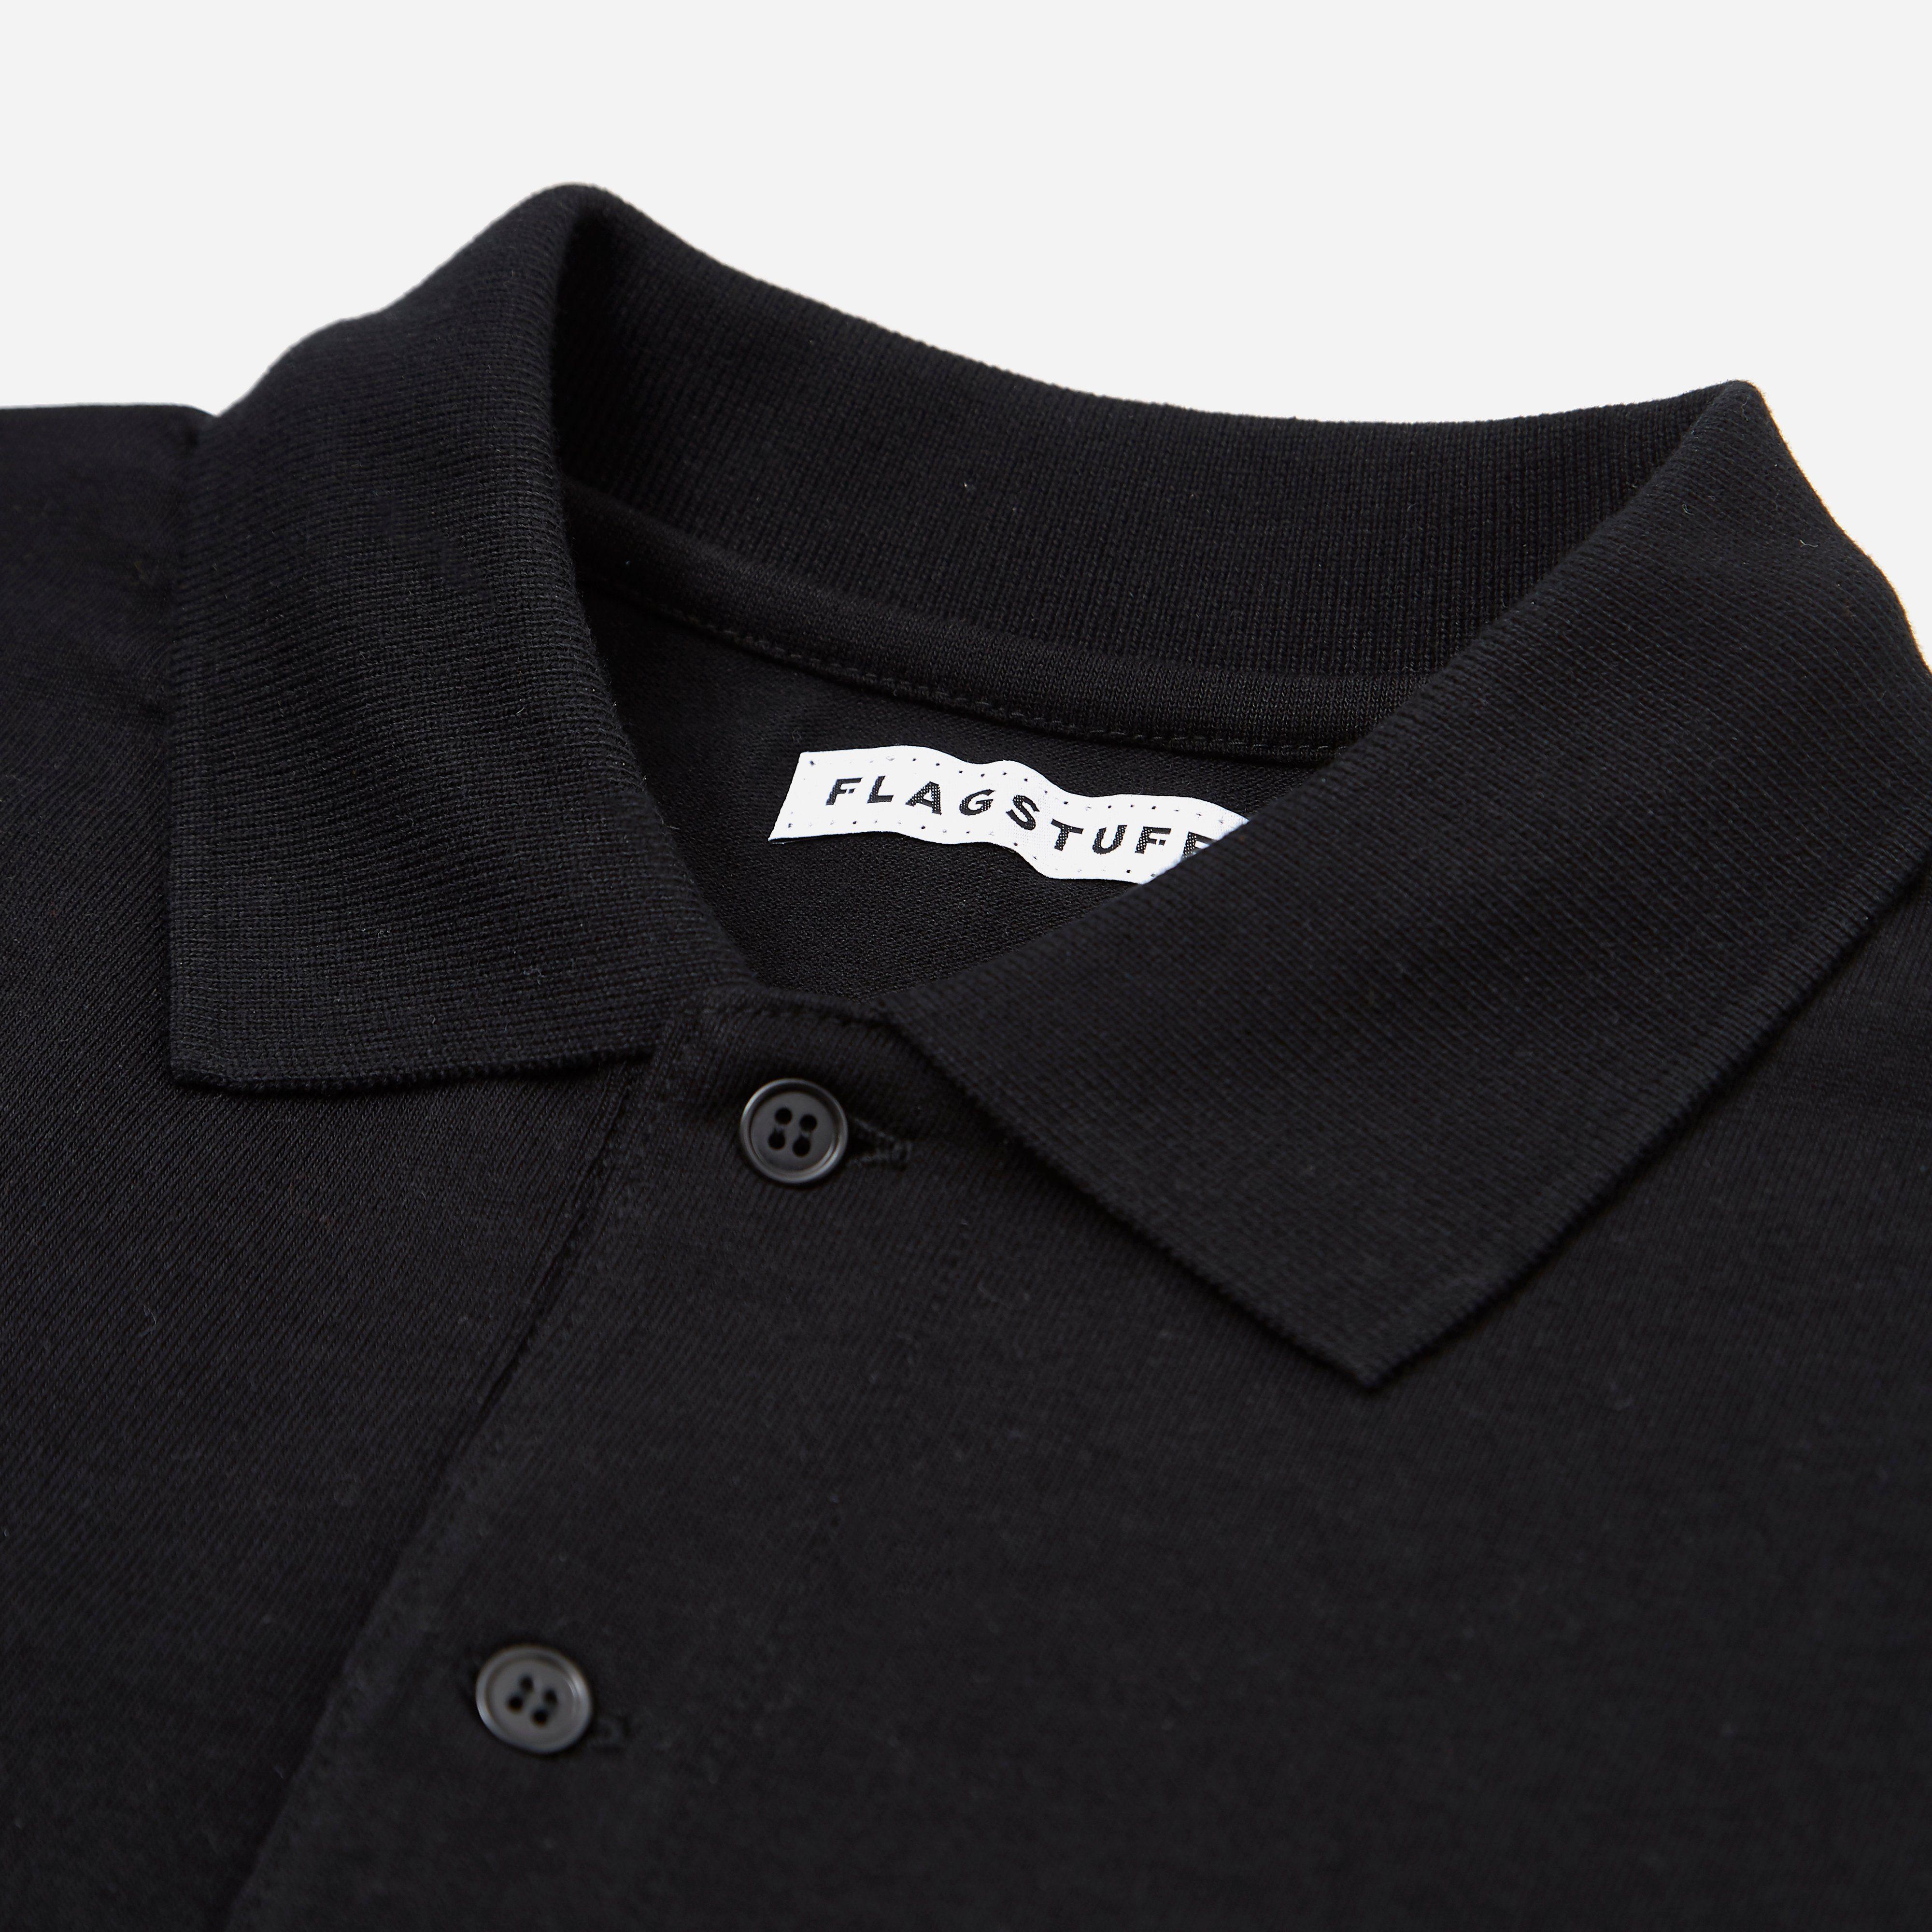 Flagstuff Short Sleeve Polo Shirt